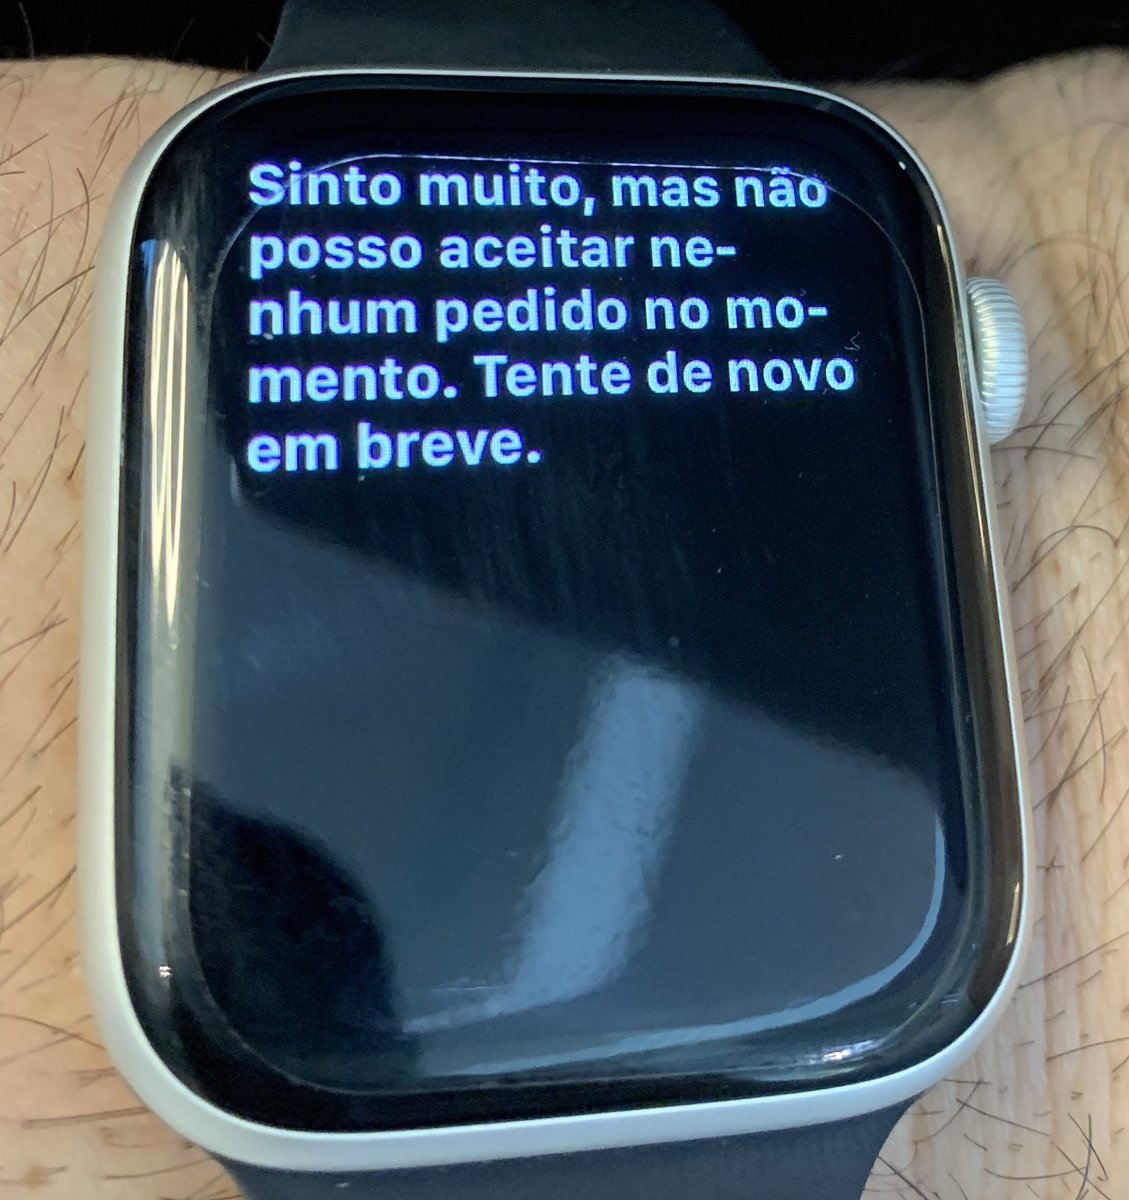 Até o meu relógio está com esgotamento nervoso. https://t.co/bKou34GJWd